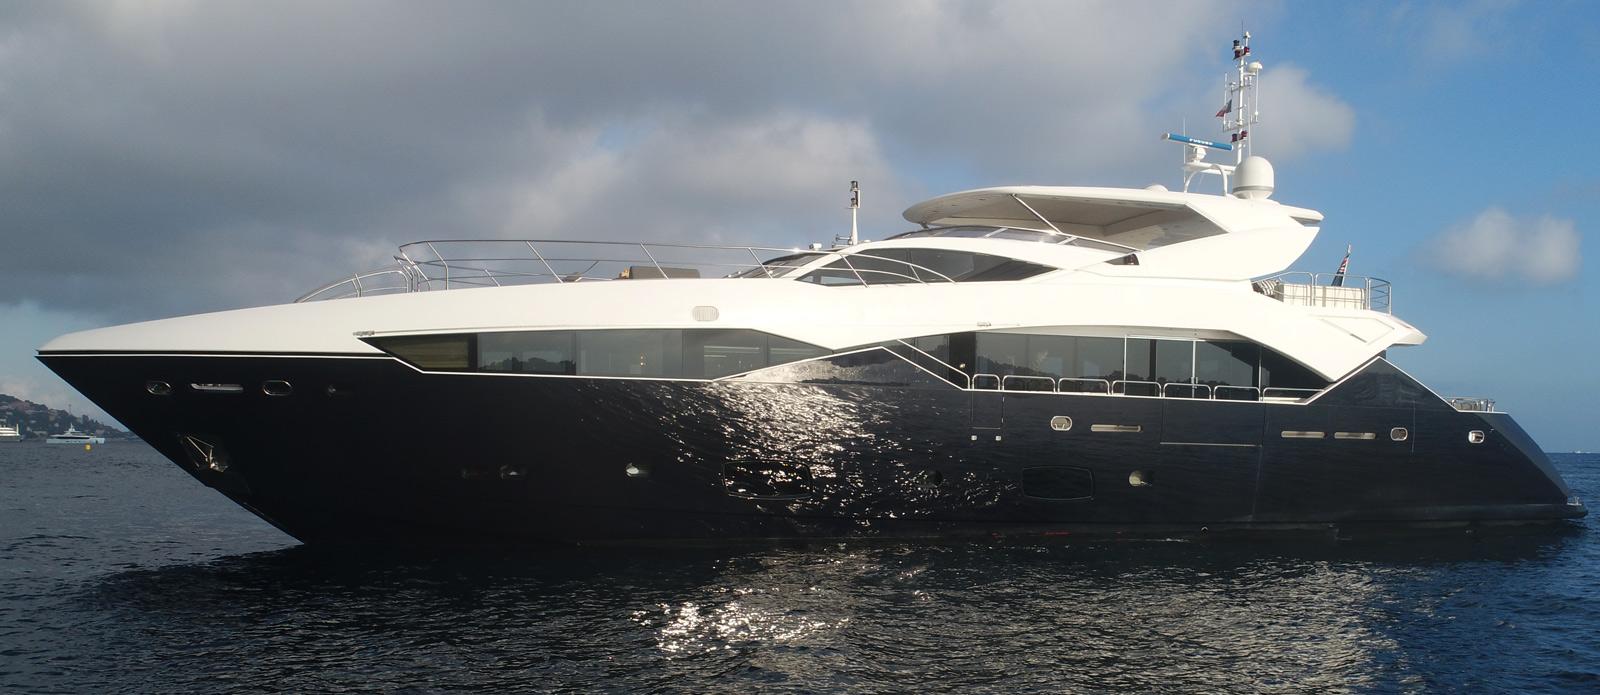 Sunseeker-115-Sport-Yacht-Zulu-Side-Profile-Drone-Photo